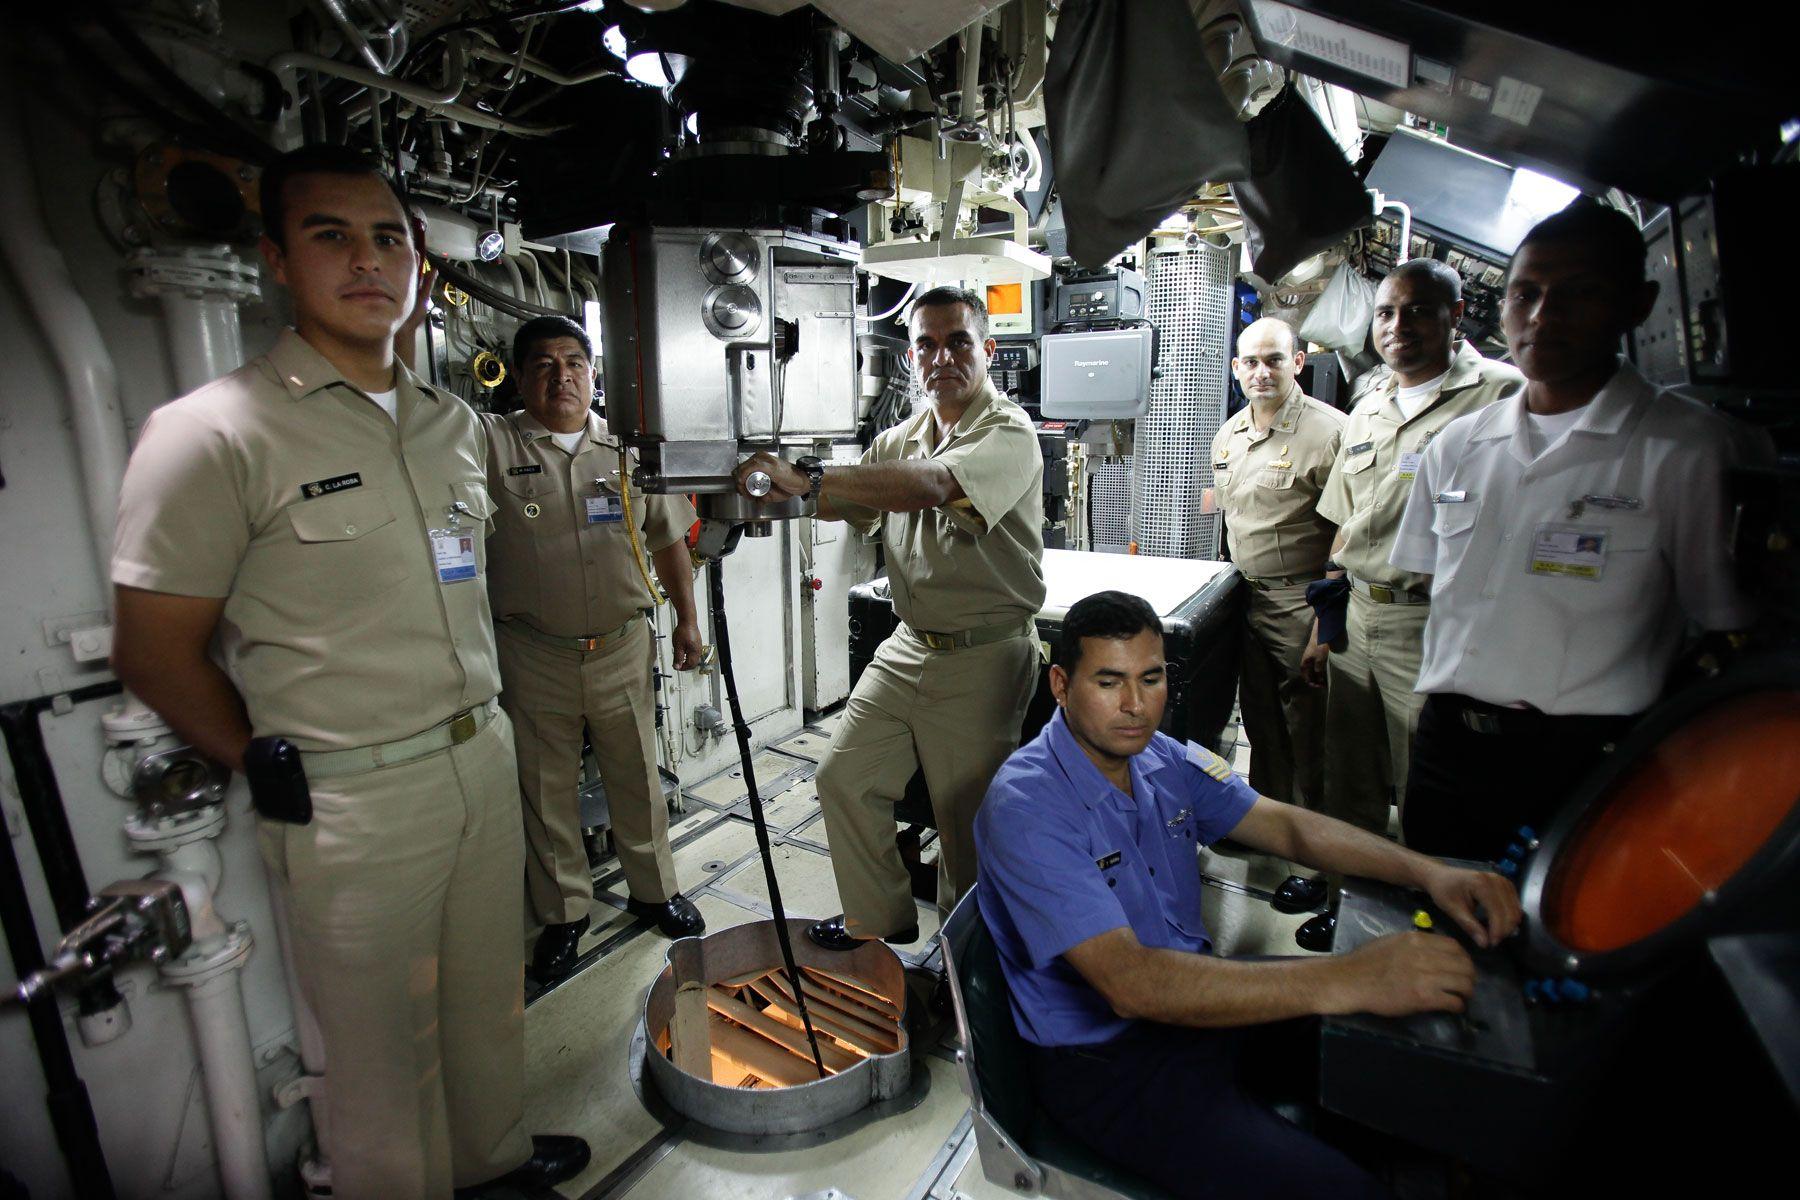 Lugares tur sticos para visitar en el callao te muestro for Interior submarino